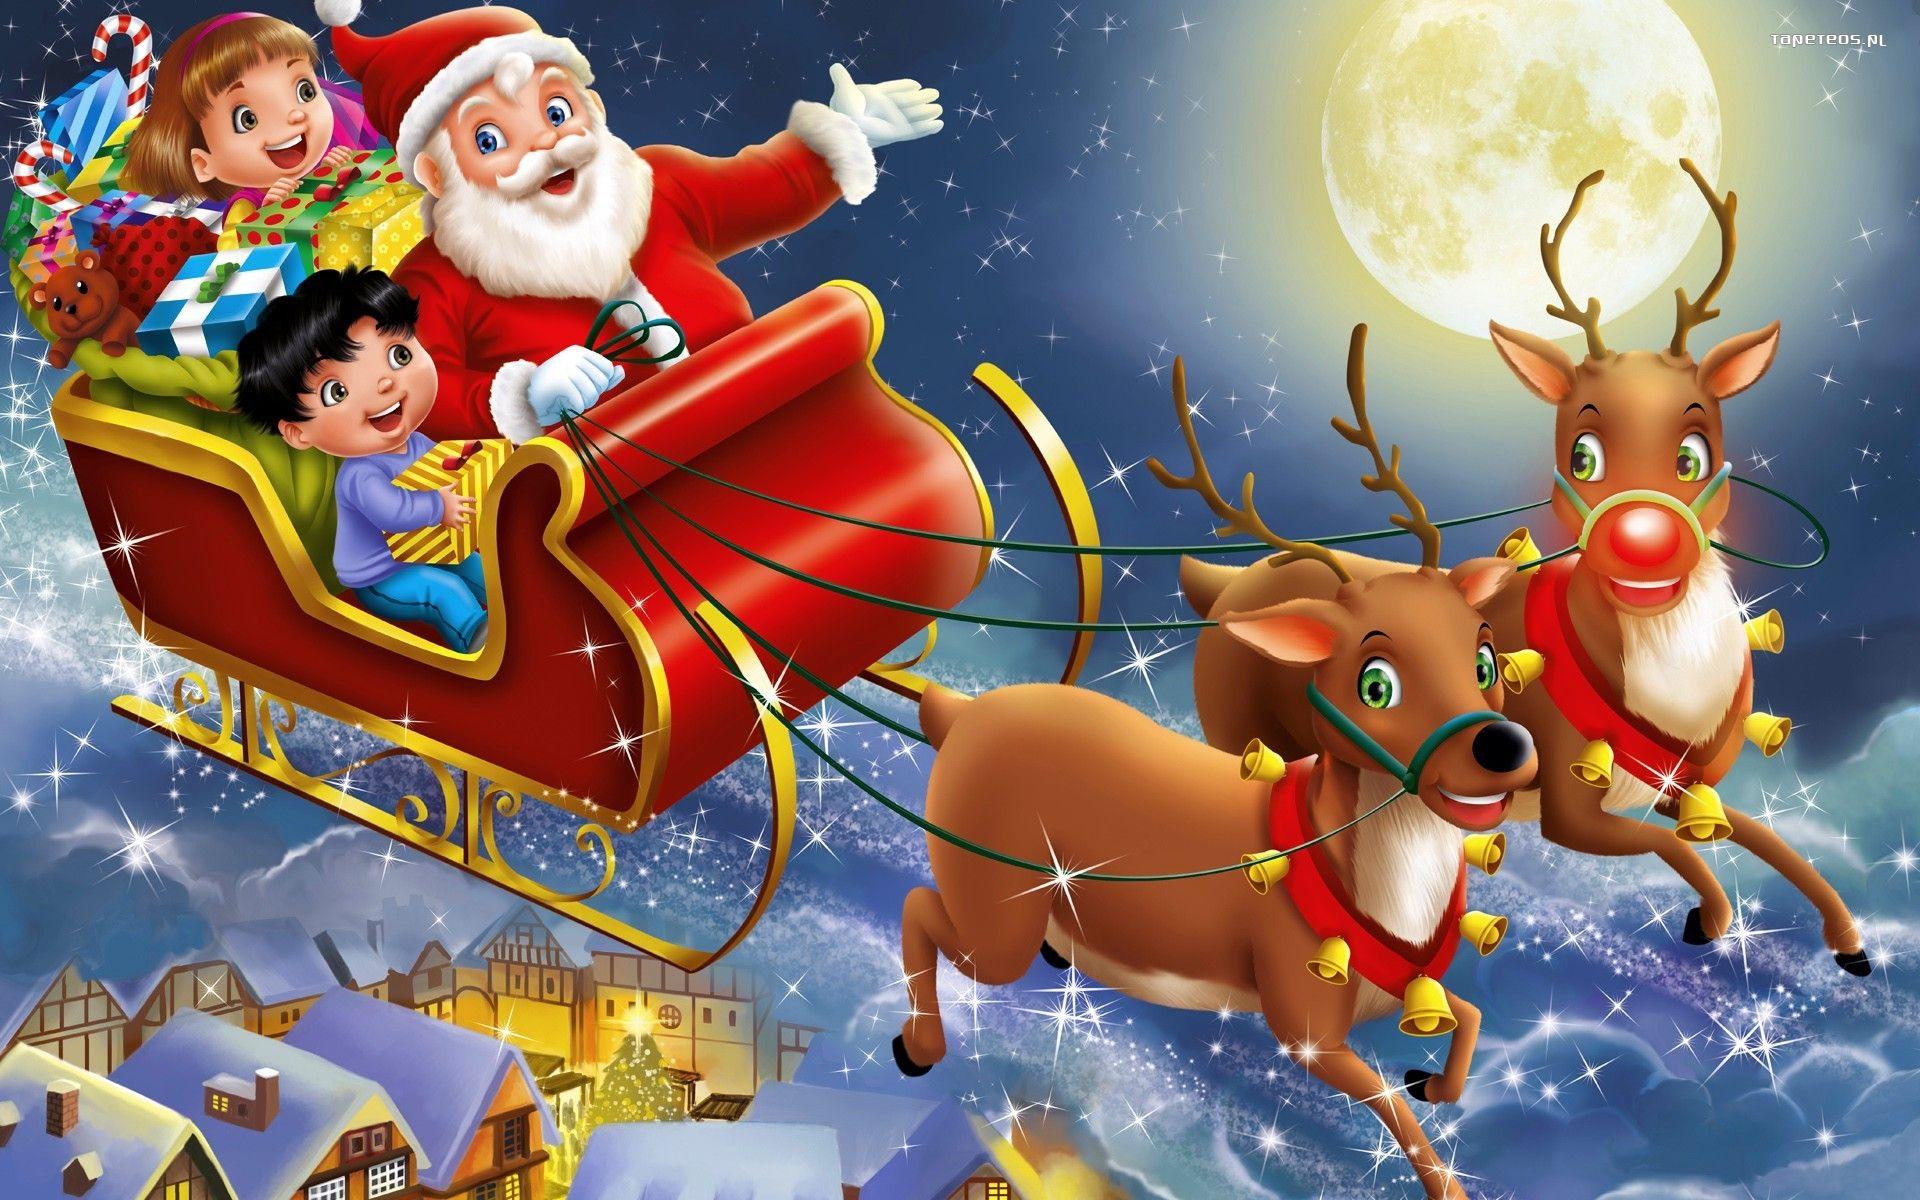 Swieta, Boze Narodzenie 1920x1200 355 Mikolaj, Dzieci, Sanie, Renifery -  Tapety na pulpit